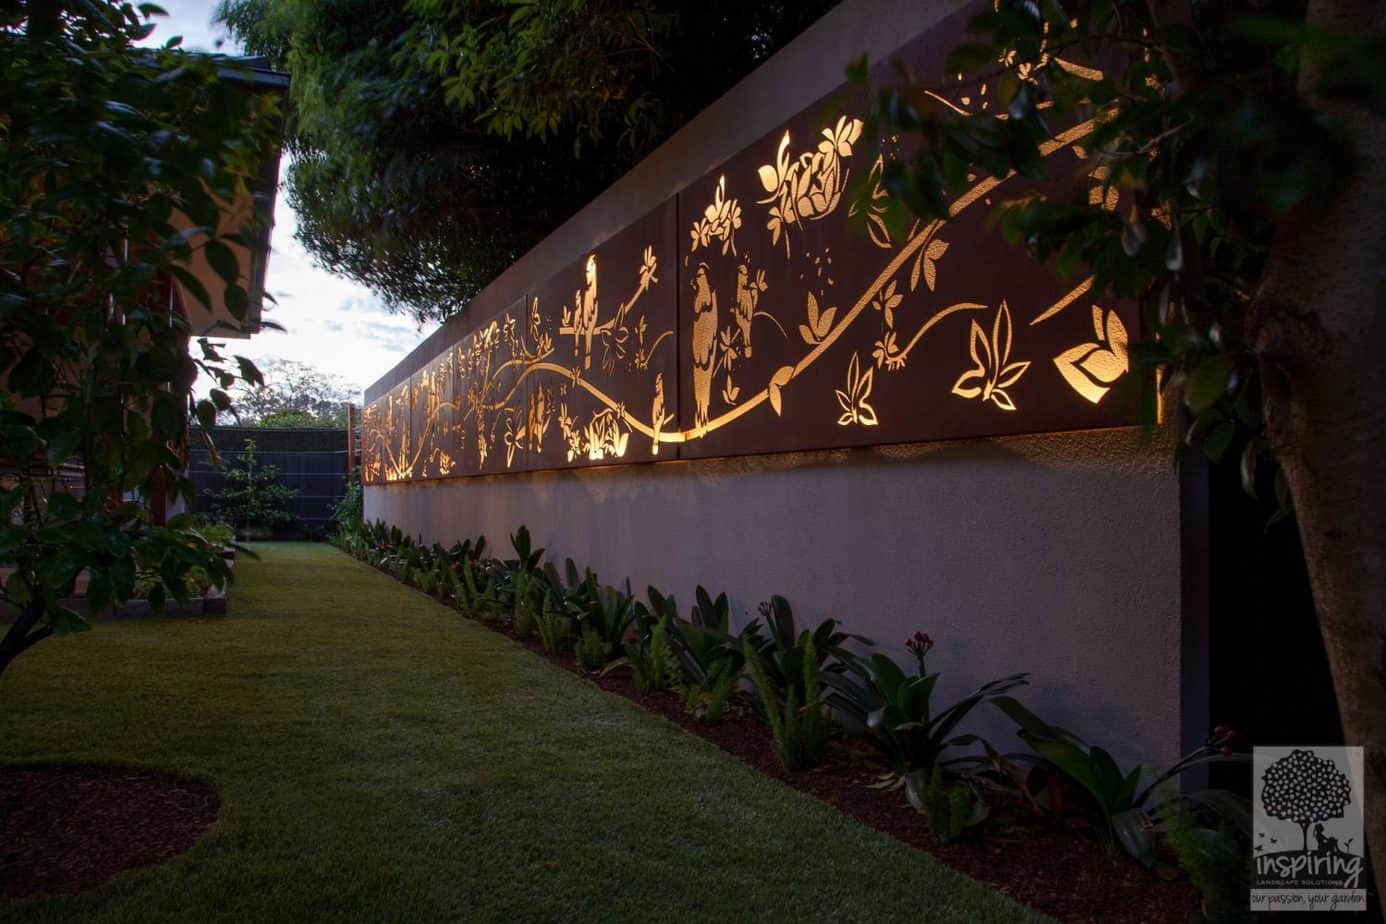 13 meter metal garden feature used in Glen Waverley garden design lit at night